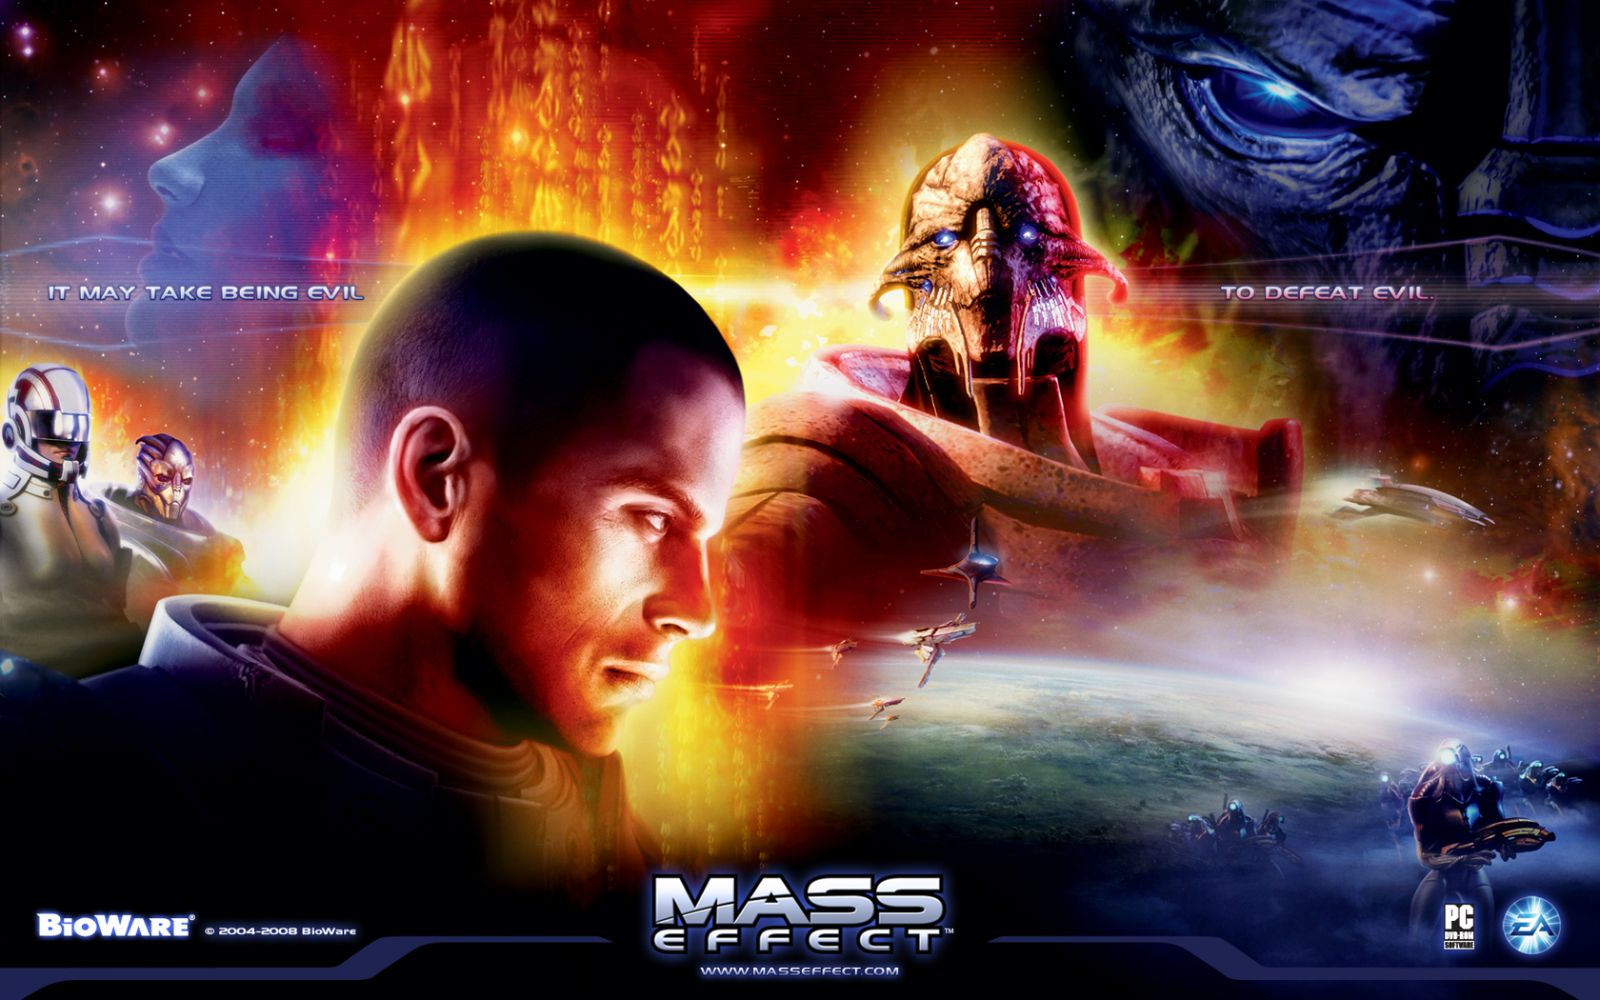 Mass effect 3 prima guide pdf download